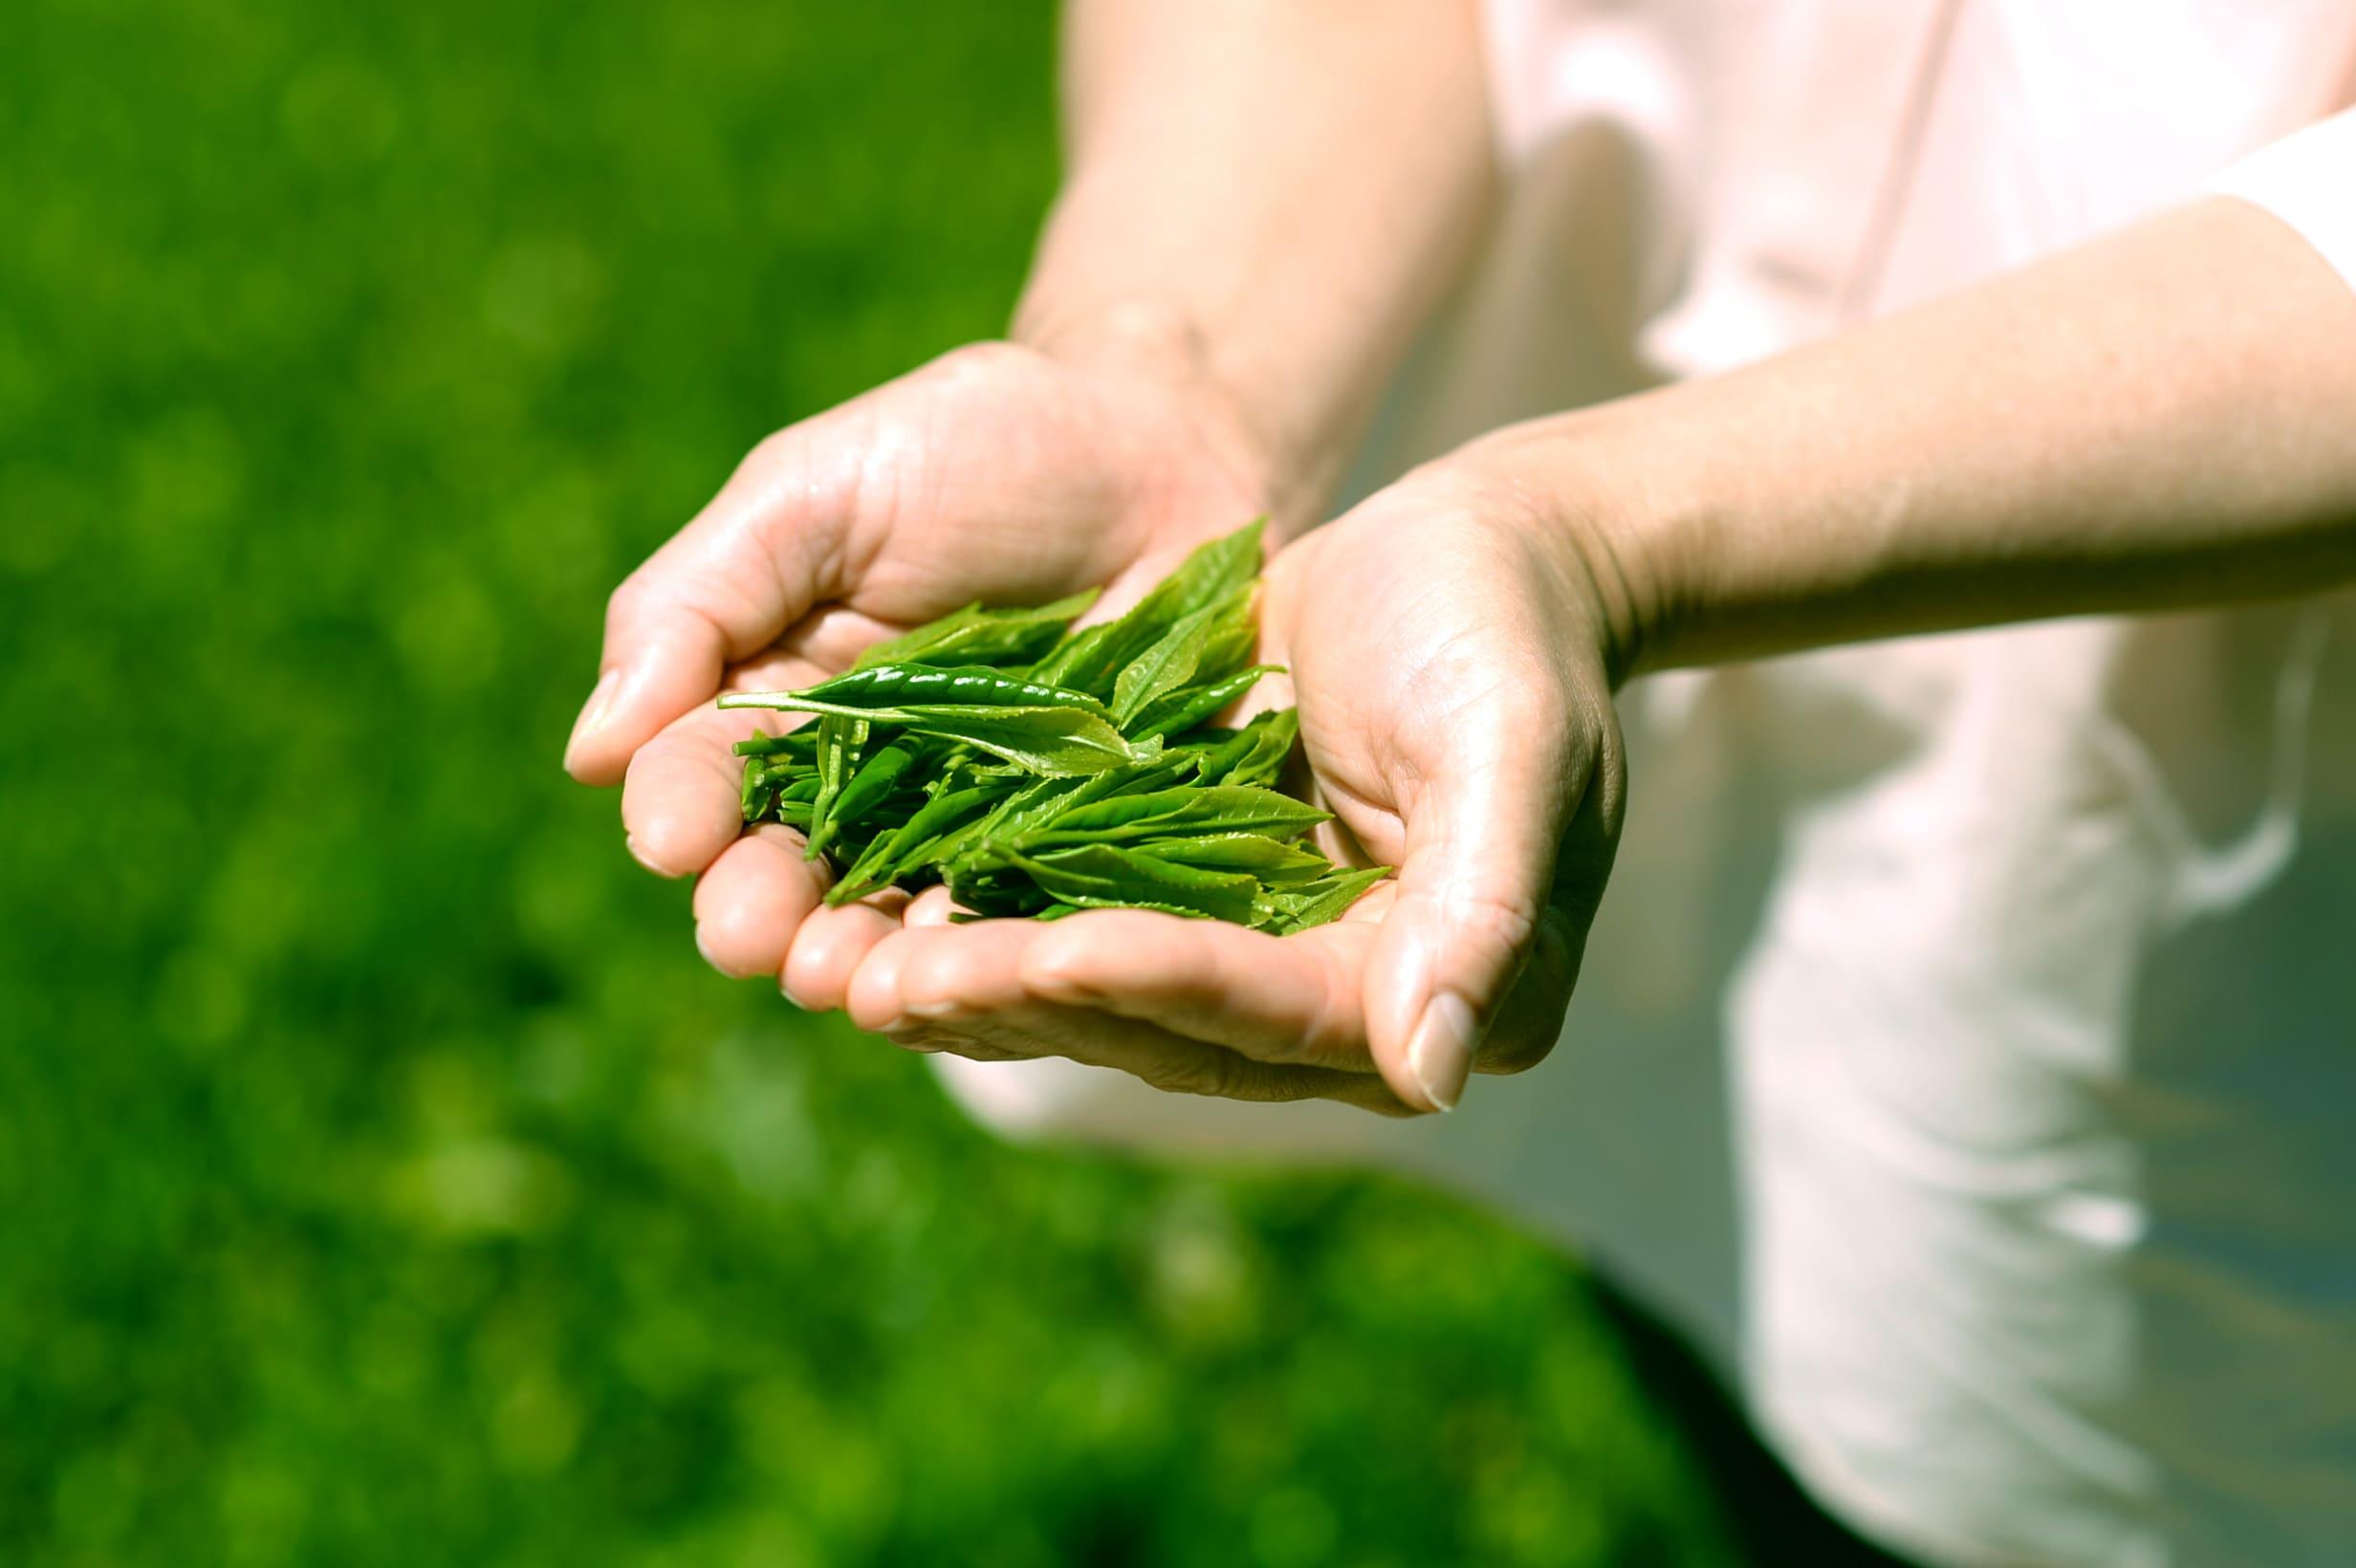 八十八が大和茶を選ぶ理由/大和茶の歴史